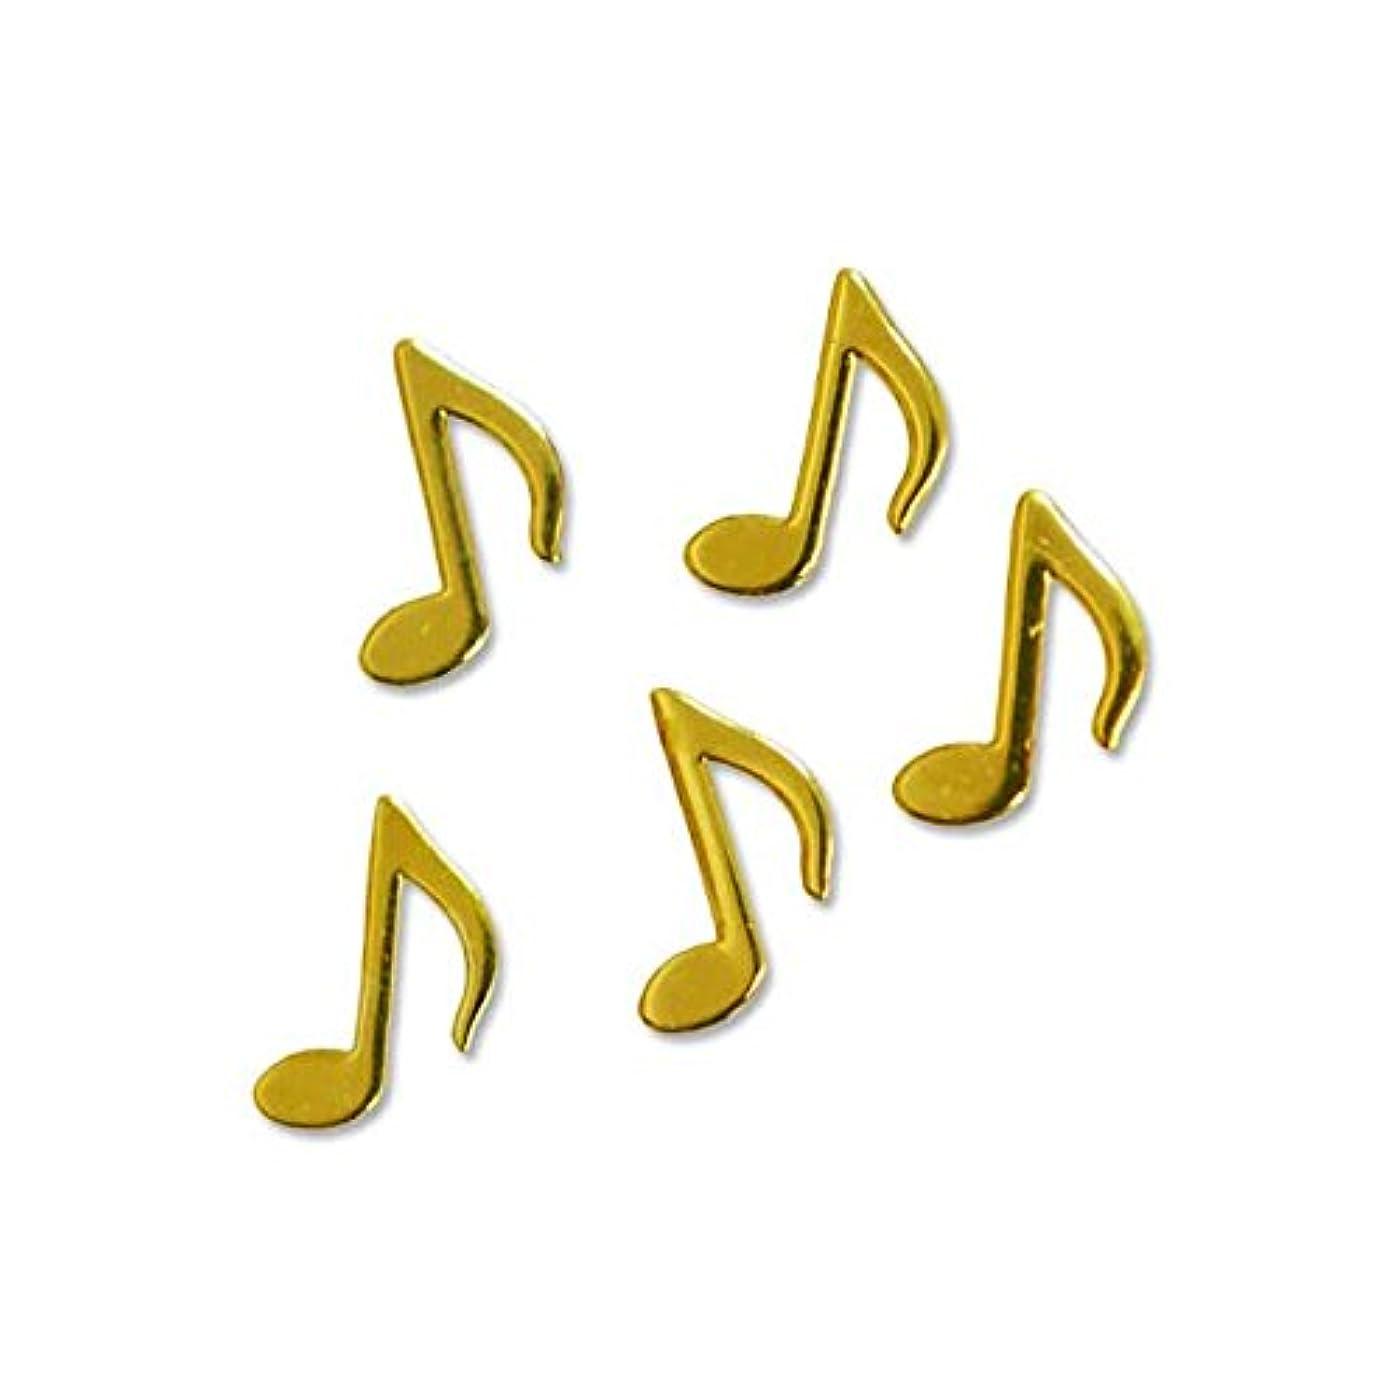 綺麗な雇う支援する薄型メタルパーツ10025ミュージック 音符 おたまじゃくし4mm×5mm(ゴールド)/20p入り